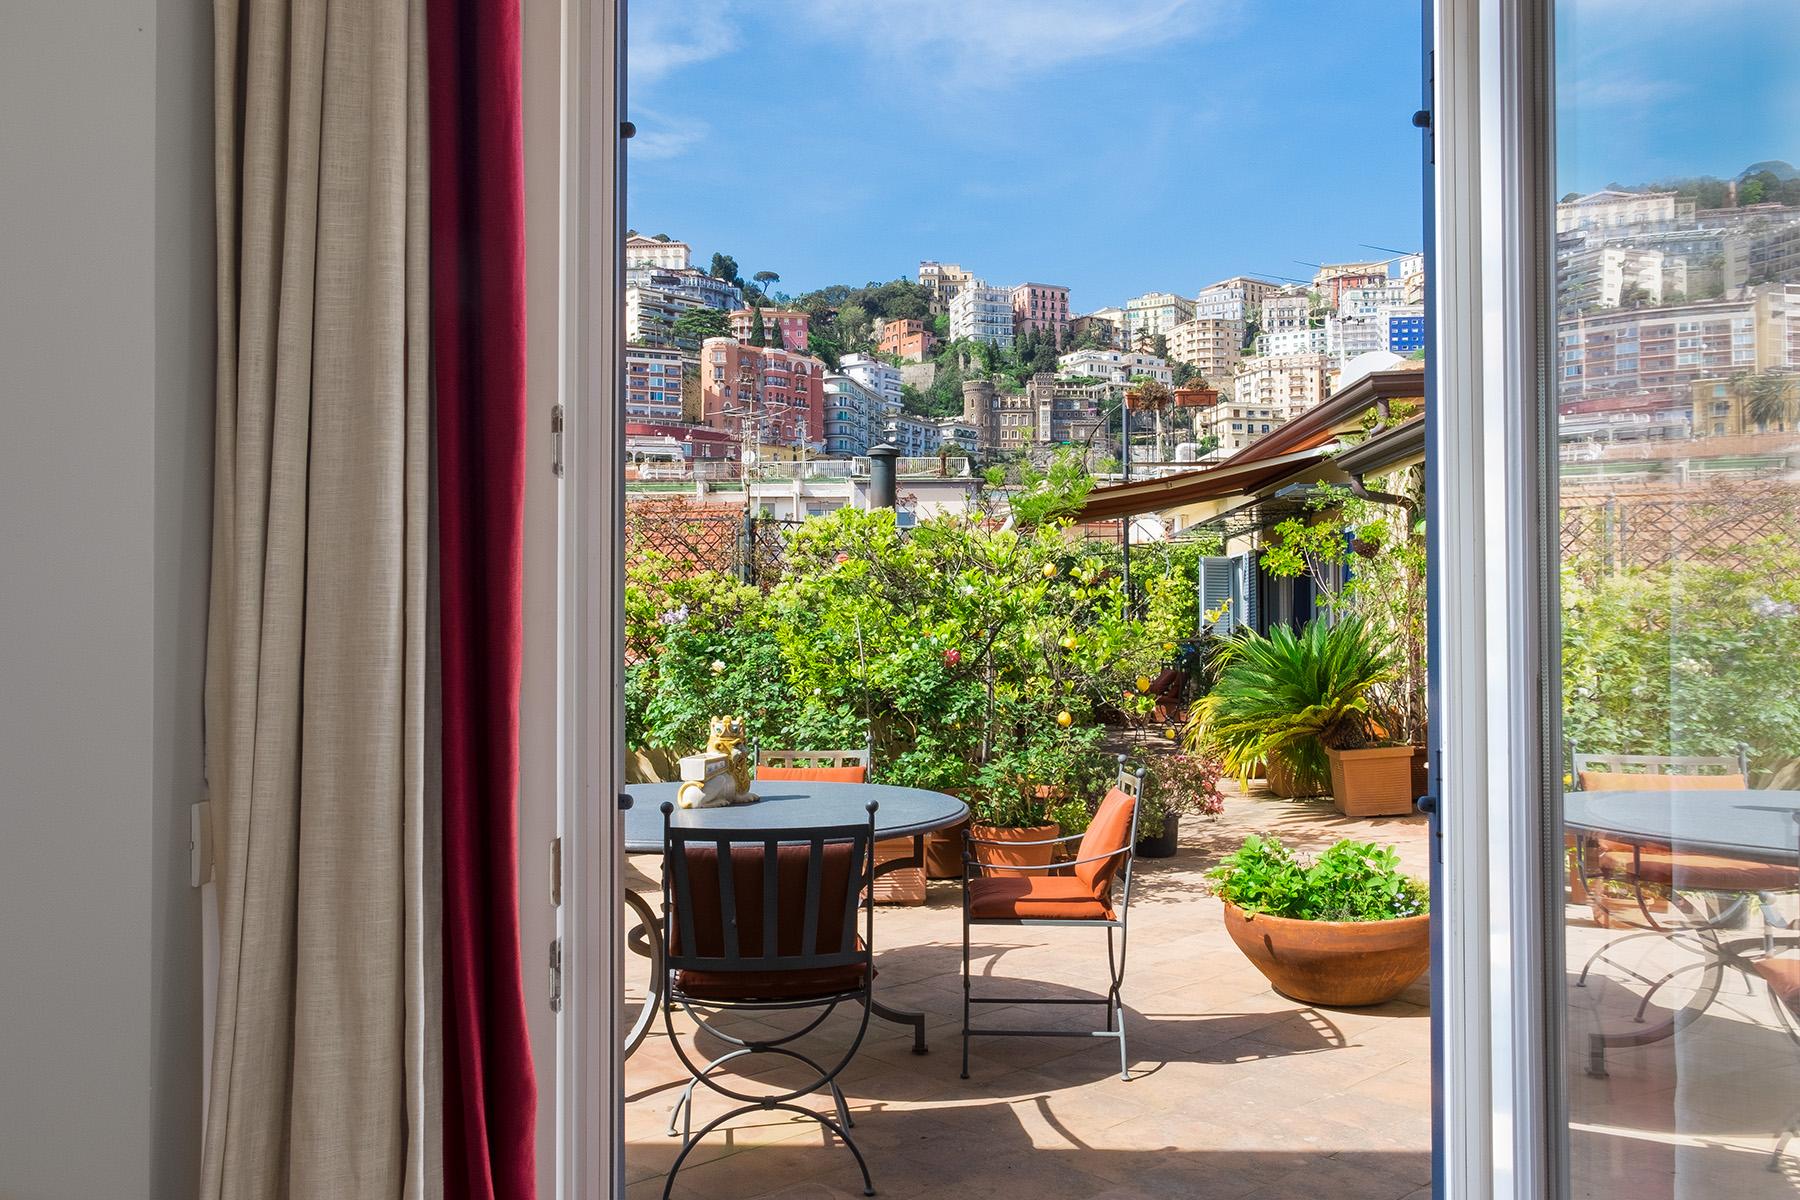 Immobili di lusso in vendita a Napoli - Trovocasa Pregio 14b464beac4